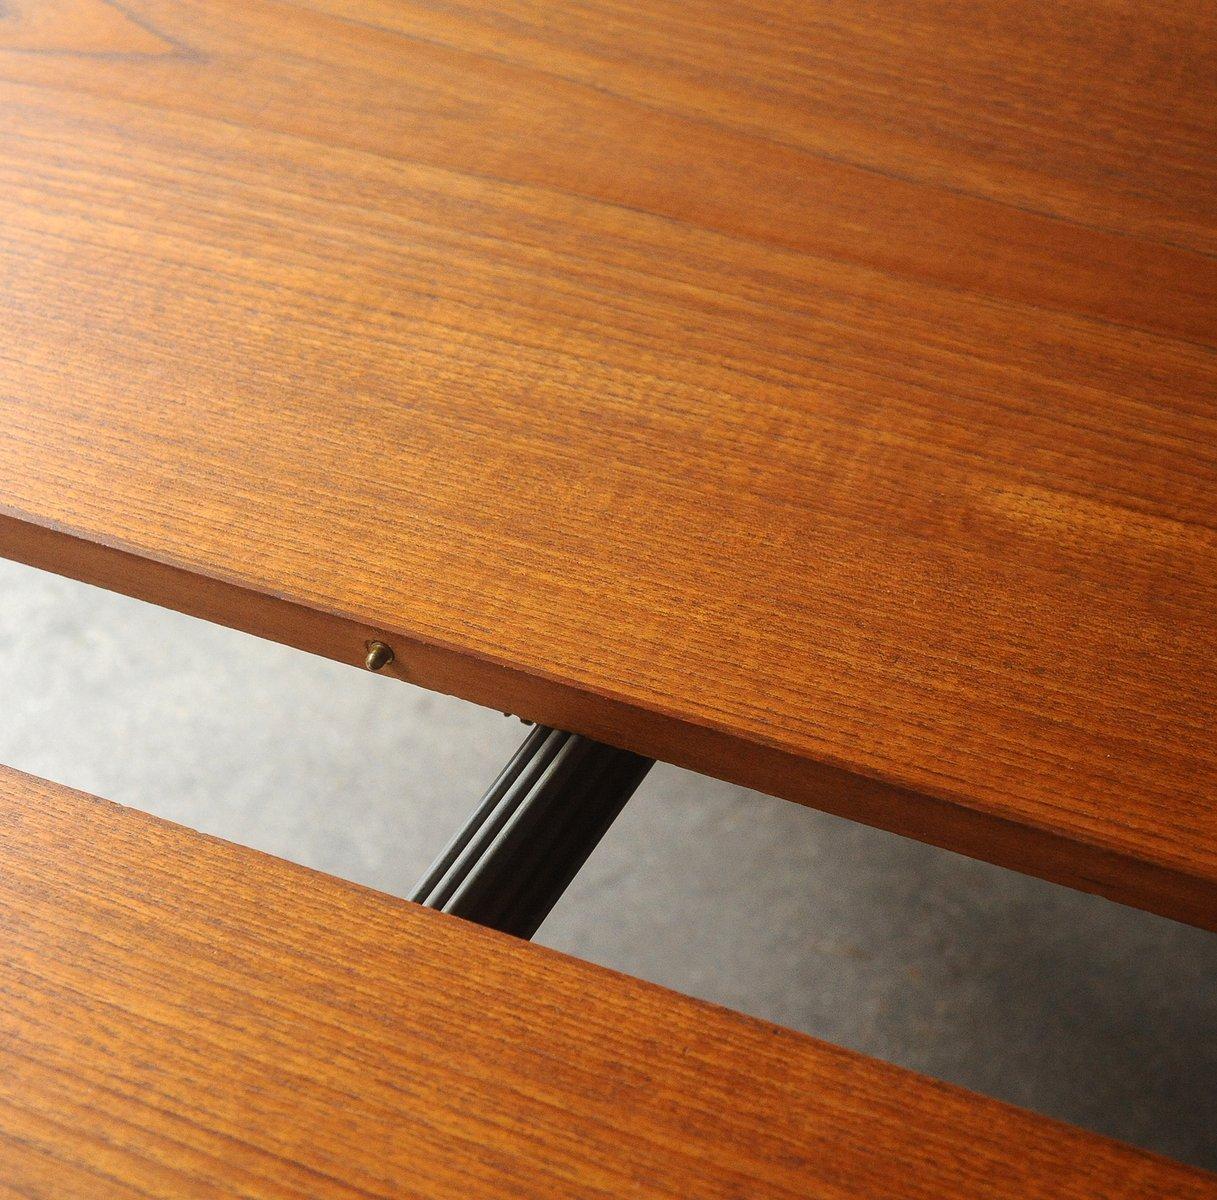 runder vintage tisch von henry rosengren hansen bei pamono kaufen. Black Bedroom Furniture Sets. Home Design Ideas